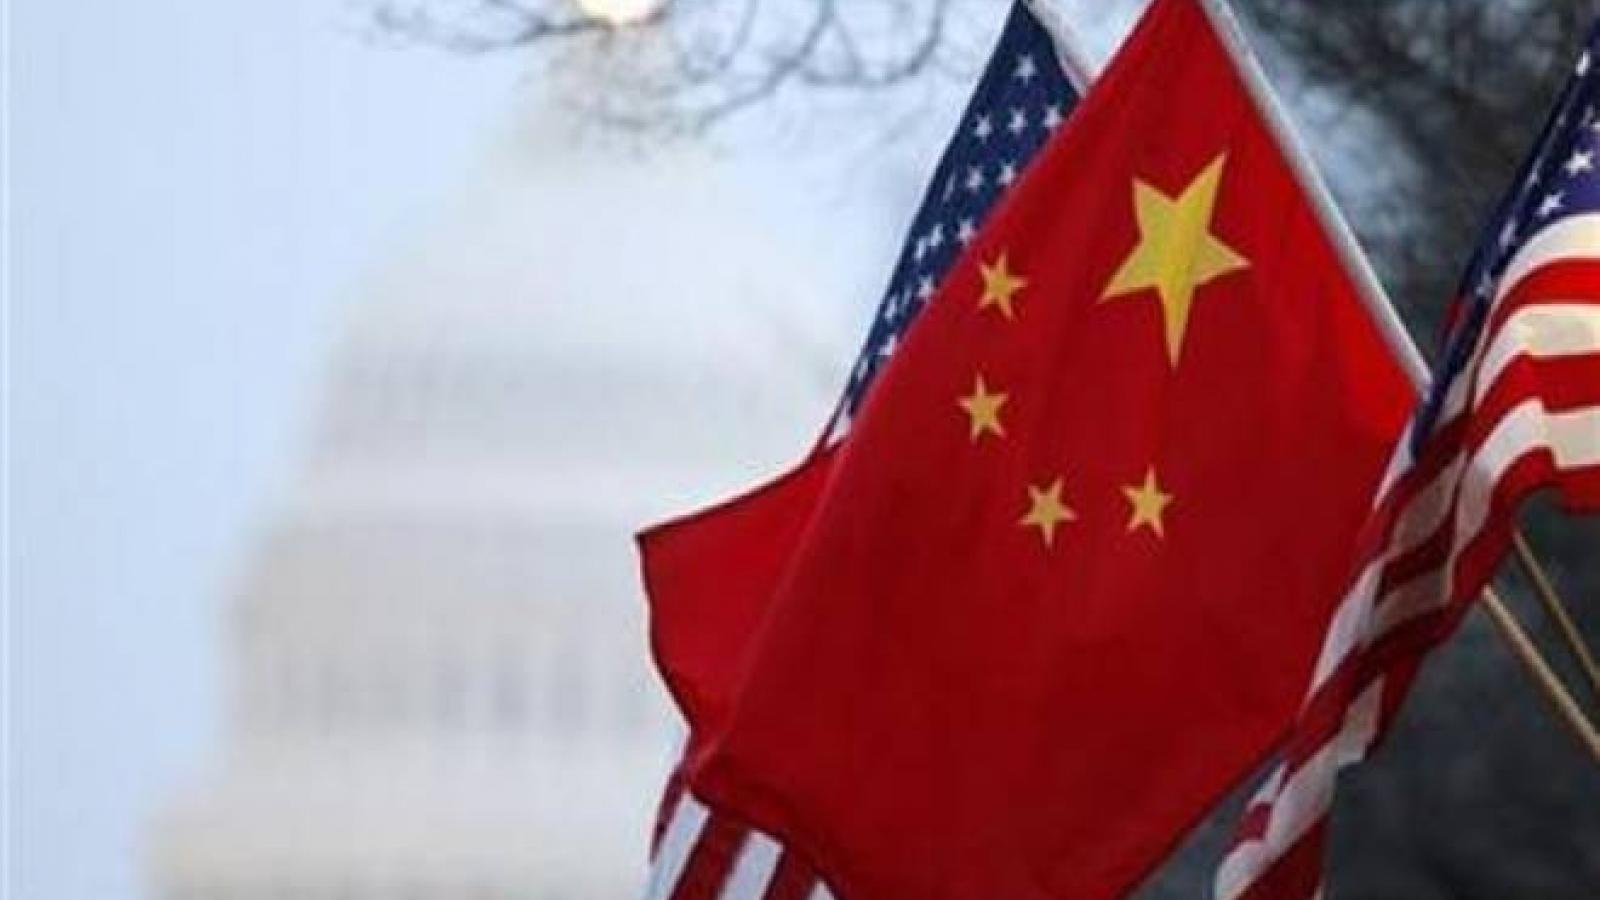 Trung Quốc áp đặt trừng phạt vàphản ứng của Mỹ